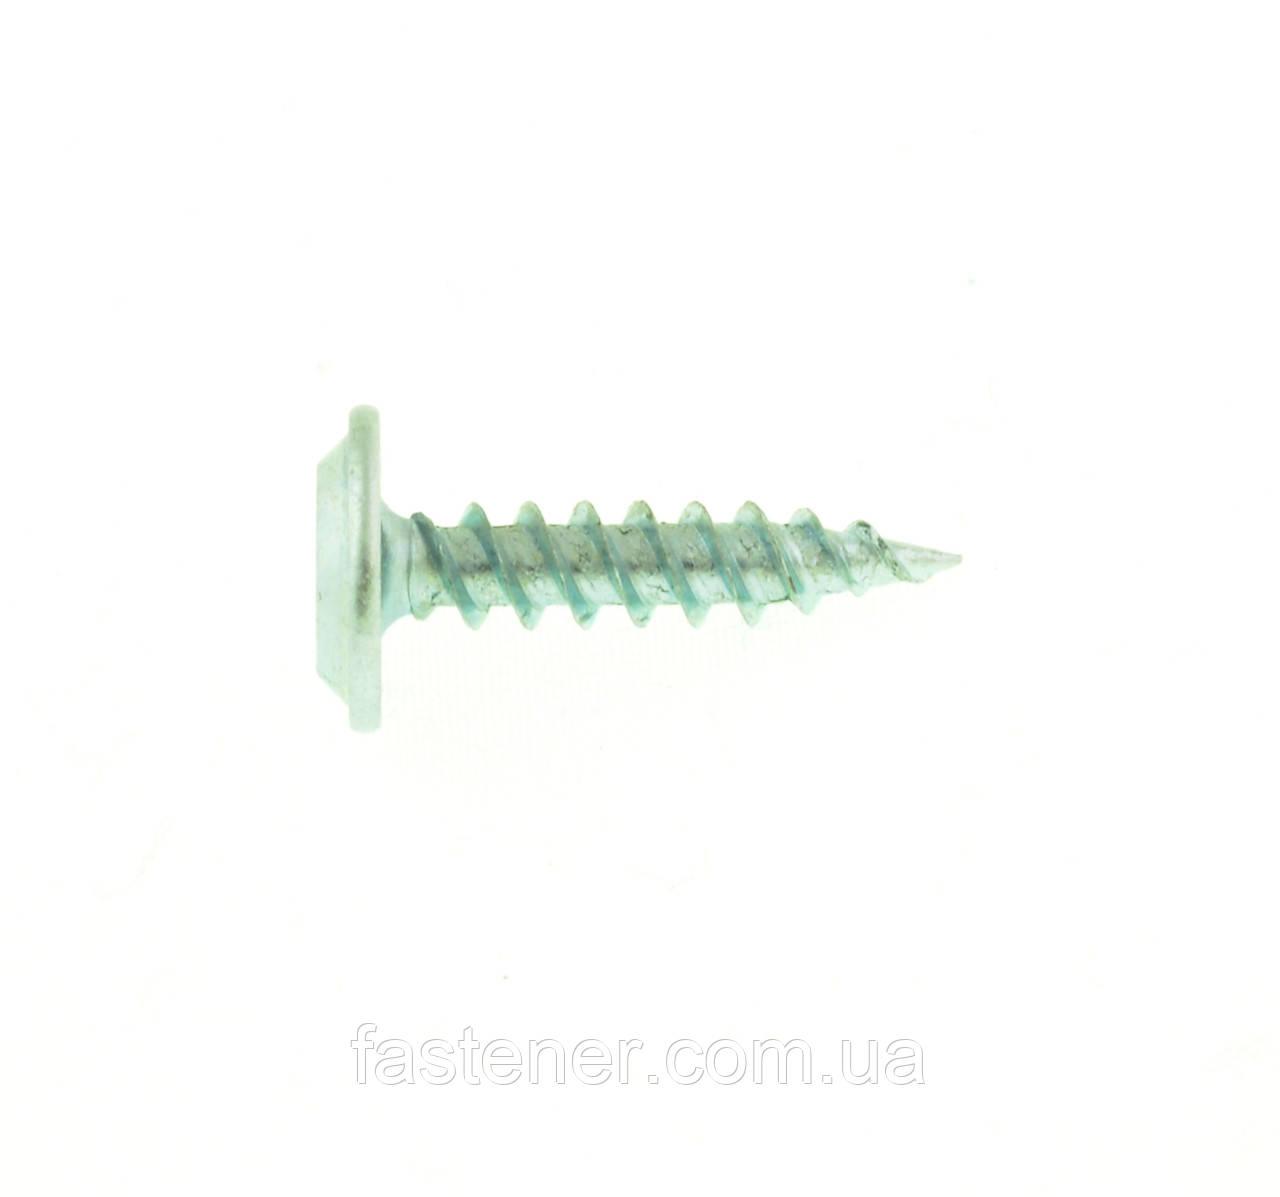 Саморез монтажный с прессшайбой 4,2х19, оцинк., PH2, упак.-250 шт, Швеция